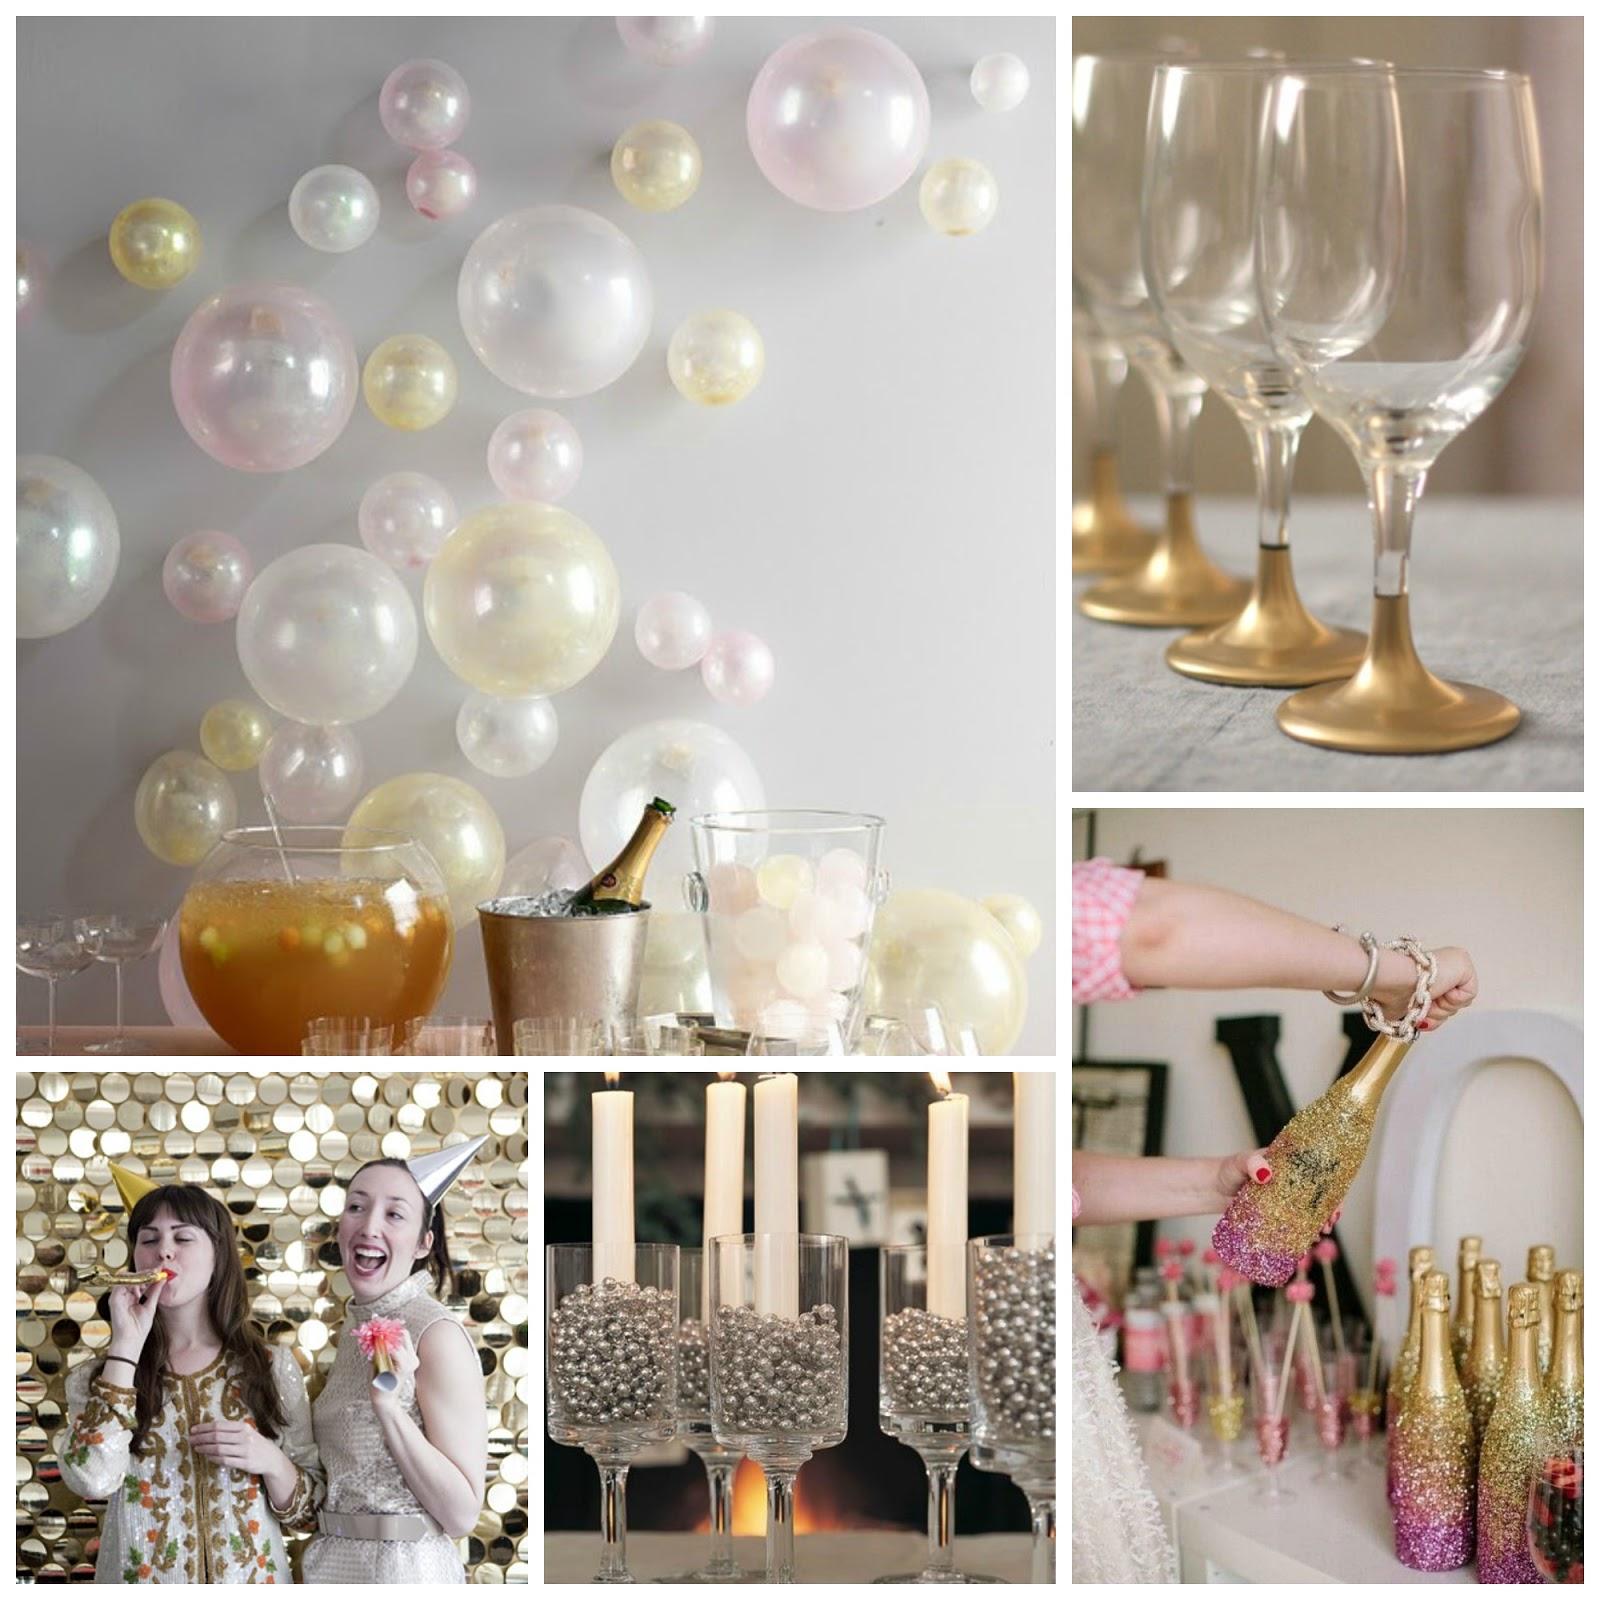 10 idee fai da te per decorare la casa a capodanno - Creazioni fai da te per la casa ...